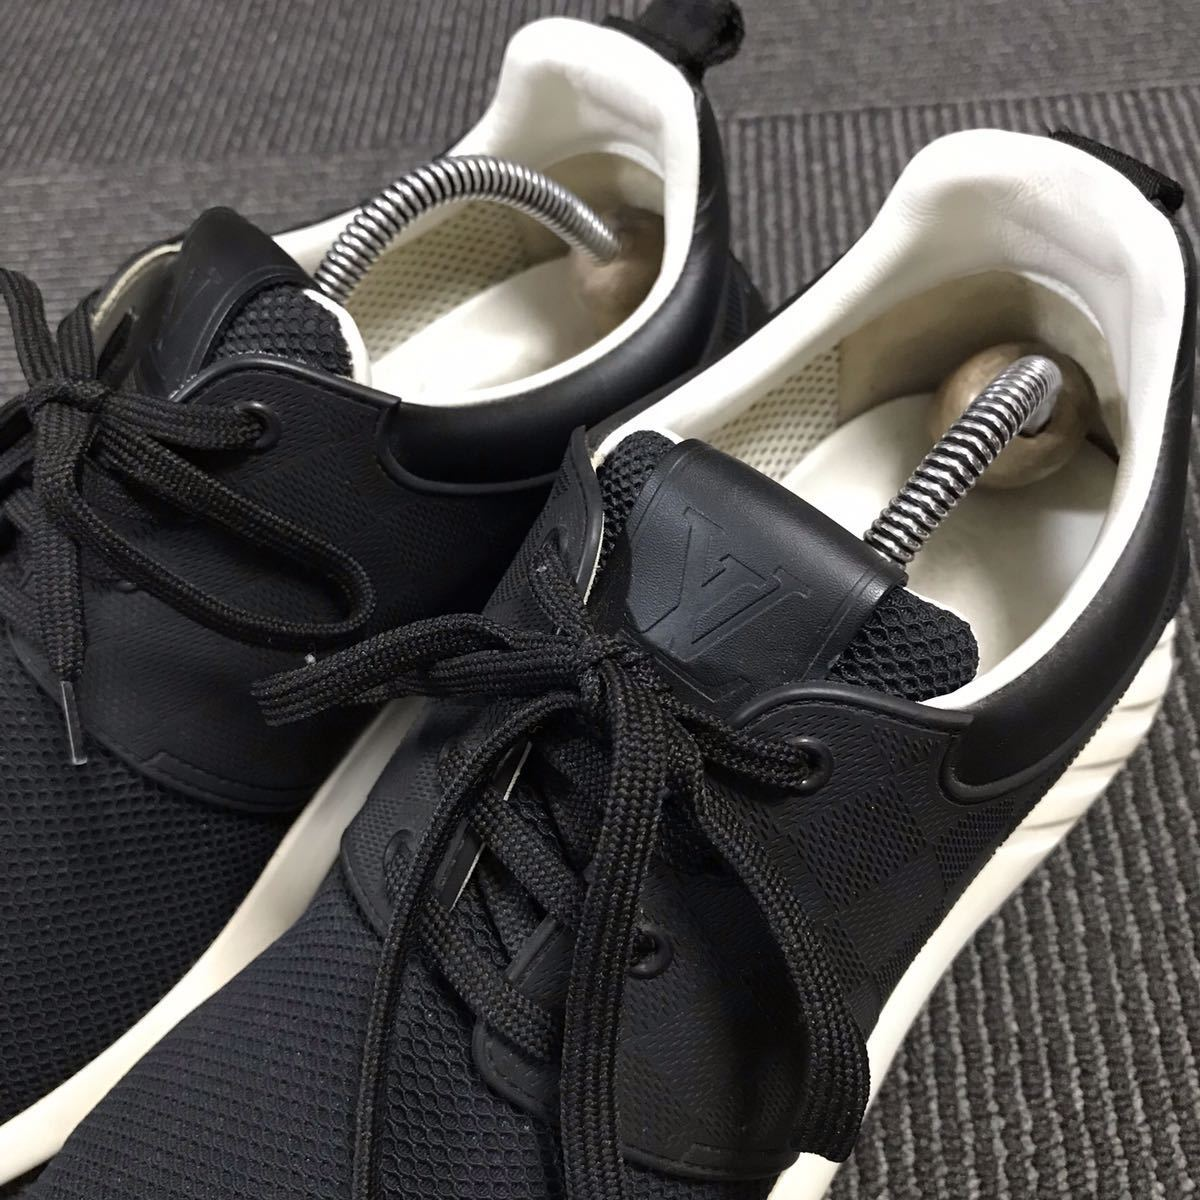 【ルイヴィトン】本物 LOUIS VUITTON 靴 25.5cm 黒 ダミエライン ファストレーン スニーカー カジュアルシューズ レザー×PVC メンズ 6 1/2_画像8